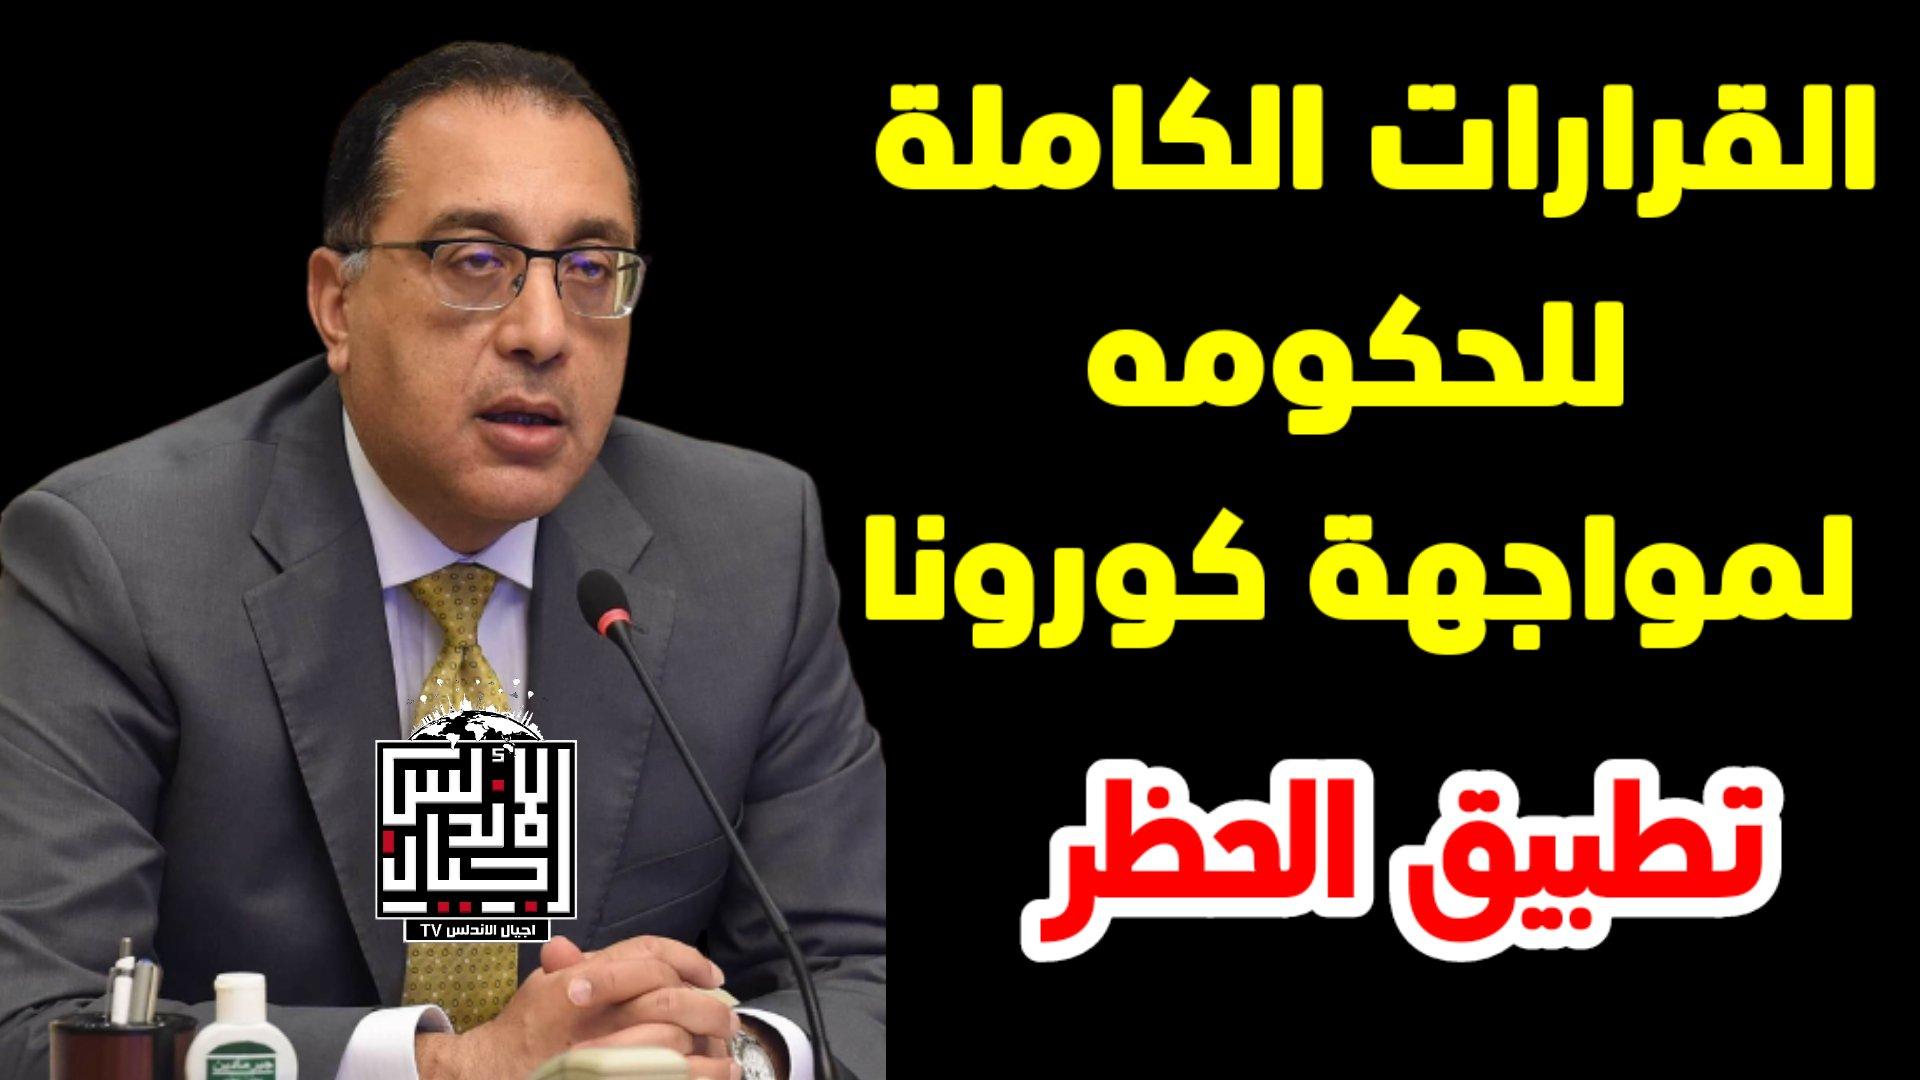 قرارات مجلس الوزراء اليوم بشأن مواعيد الحظر والاجازات في مصر - اجيال الاندلس